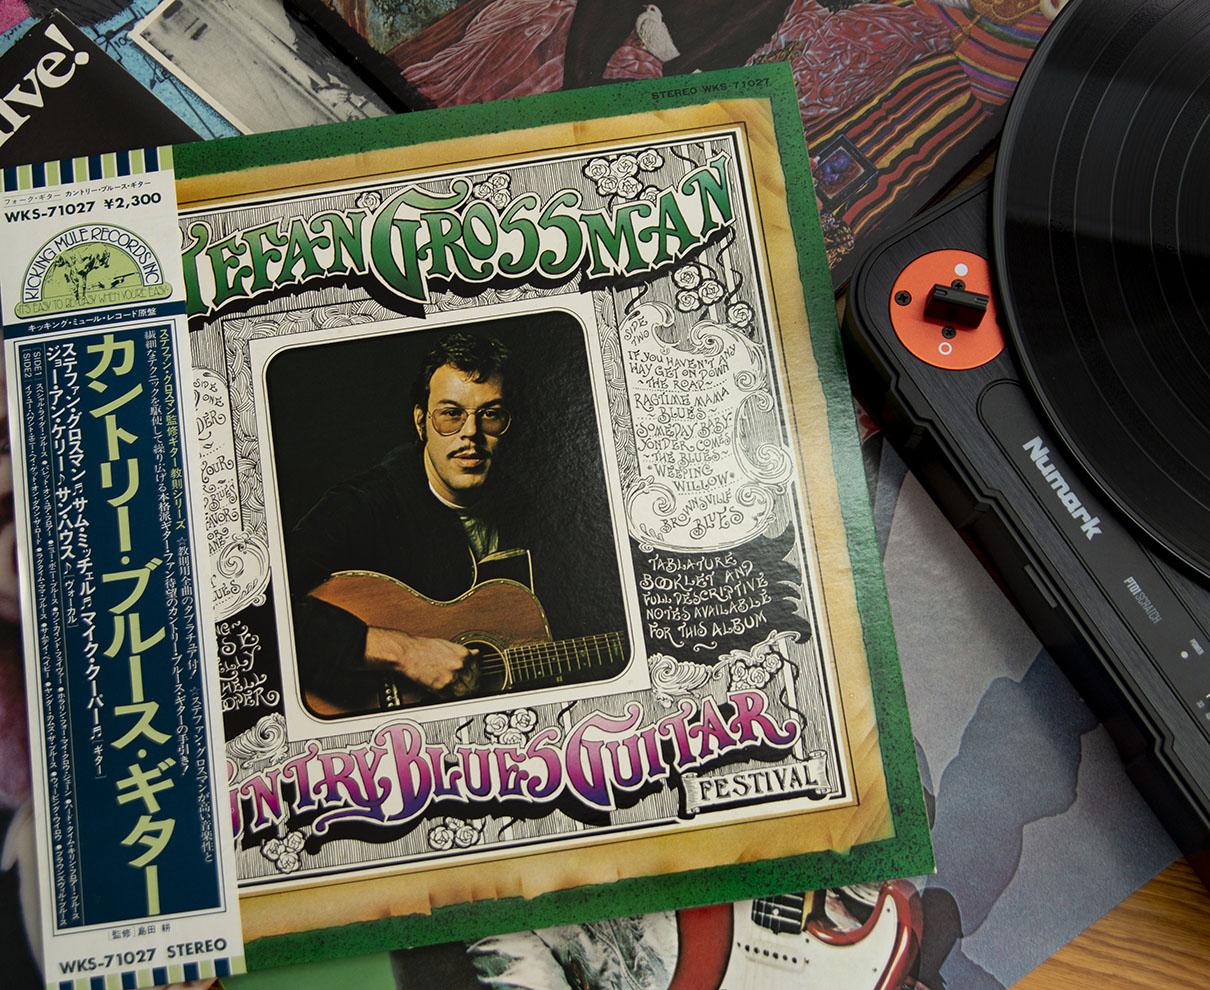 【プレゼントあり】レコード人気復活!今、聴くべき70年代・洋楽の名盤。